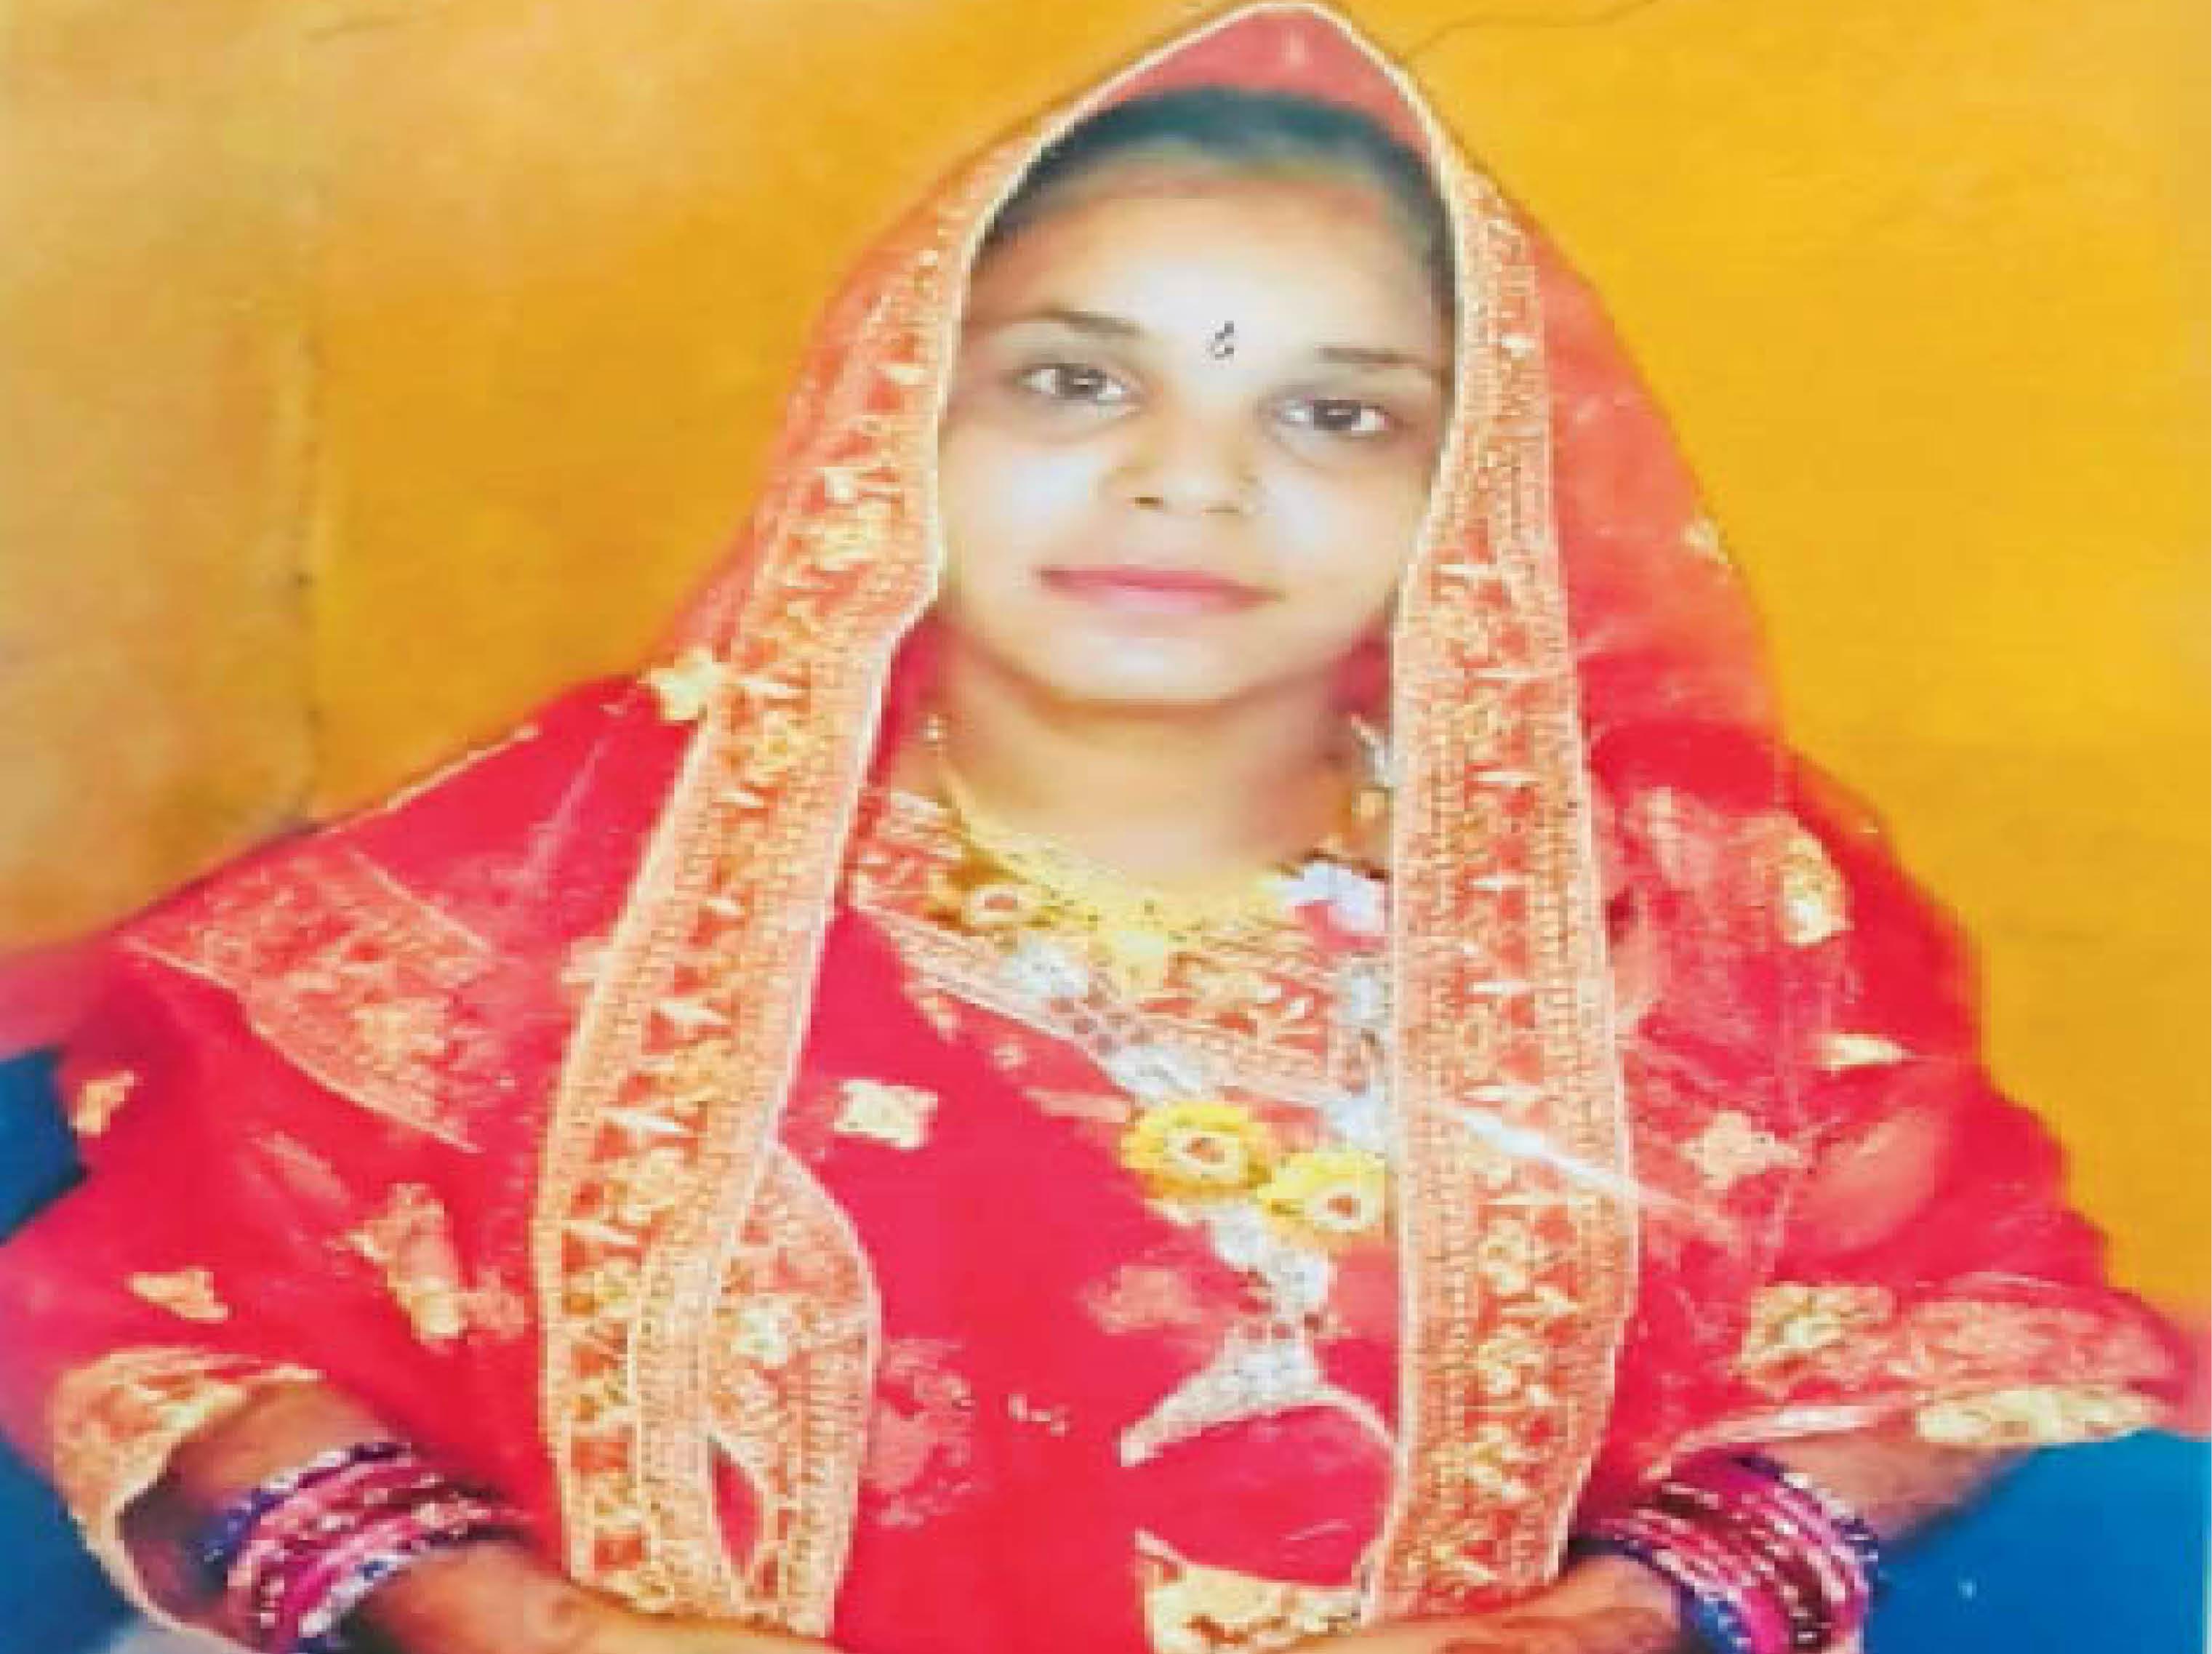 रोड पर रिश्ता, मंदिर में शादी, अगली रात जेवर, नकदी लेकर दुल्हन भागी, गिरफ्तार होशंगाबाद,Hoshangabad - Dainik Bhaskar